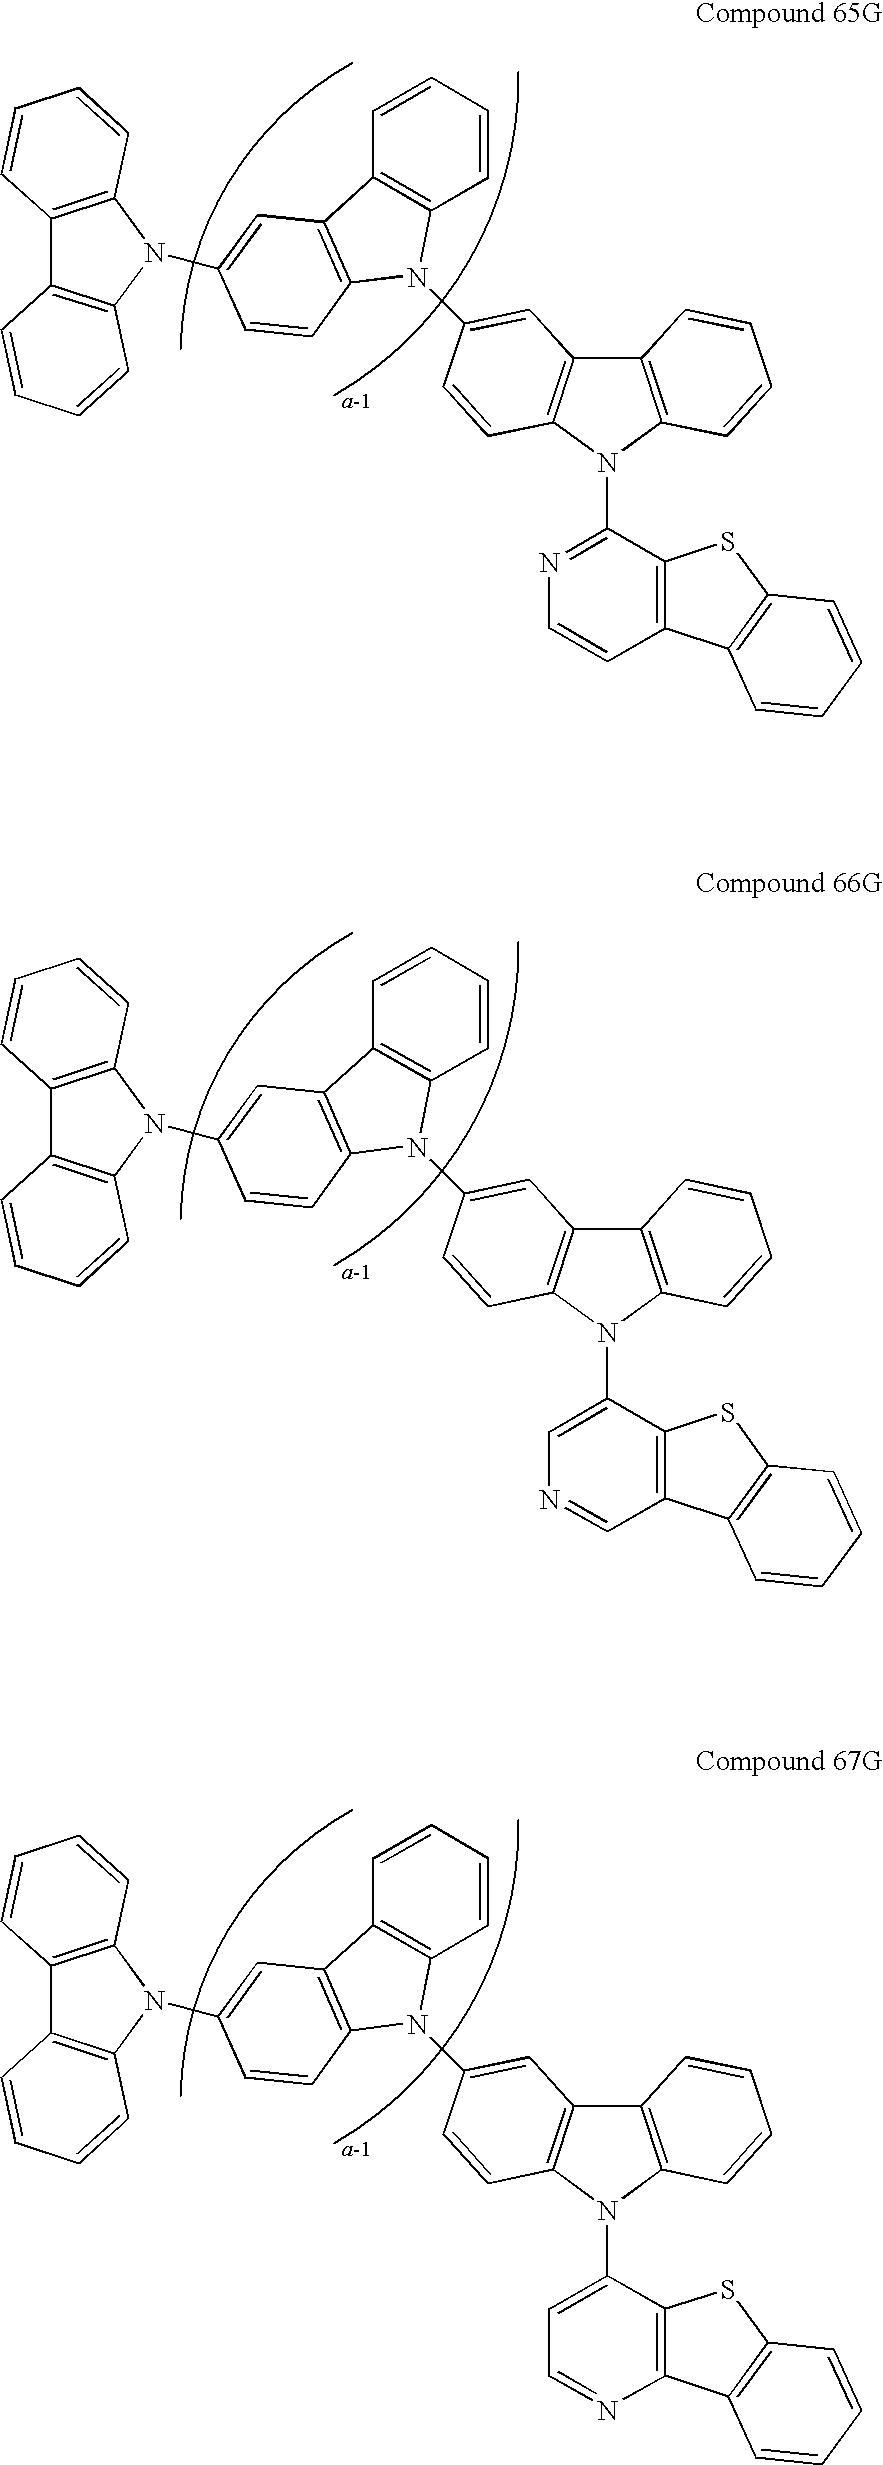 Figure US20090134784A1-20090528-C00177